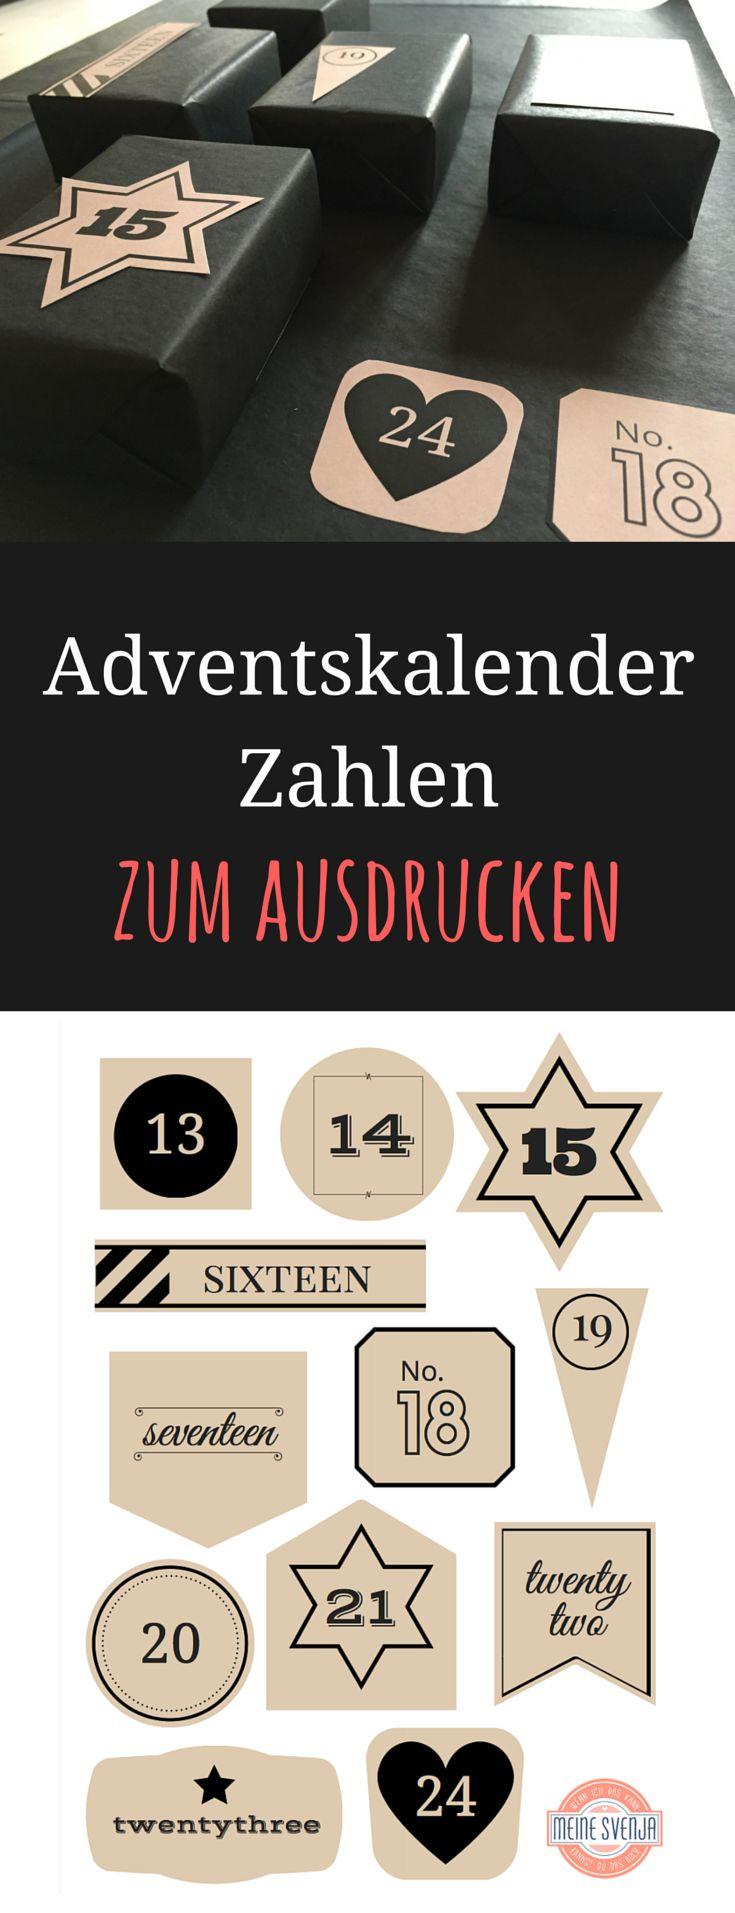 Adventskalender Vorlage zum kostenfreien Ausdrucken. Mit weißen und schwarzen Zahlen - jeweils im kompletten 24er Set. Ich hoffe, ich mache euch damit eine Freude! ***Free Advent Calendar Printables